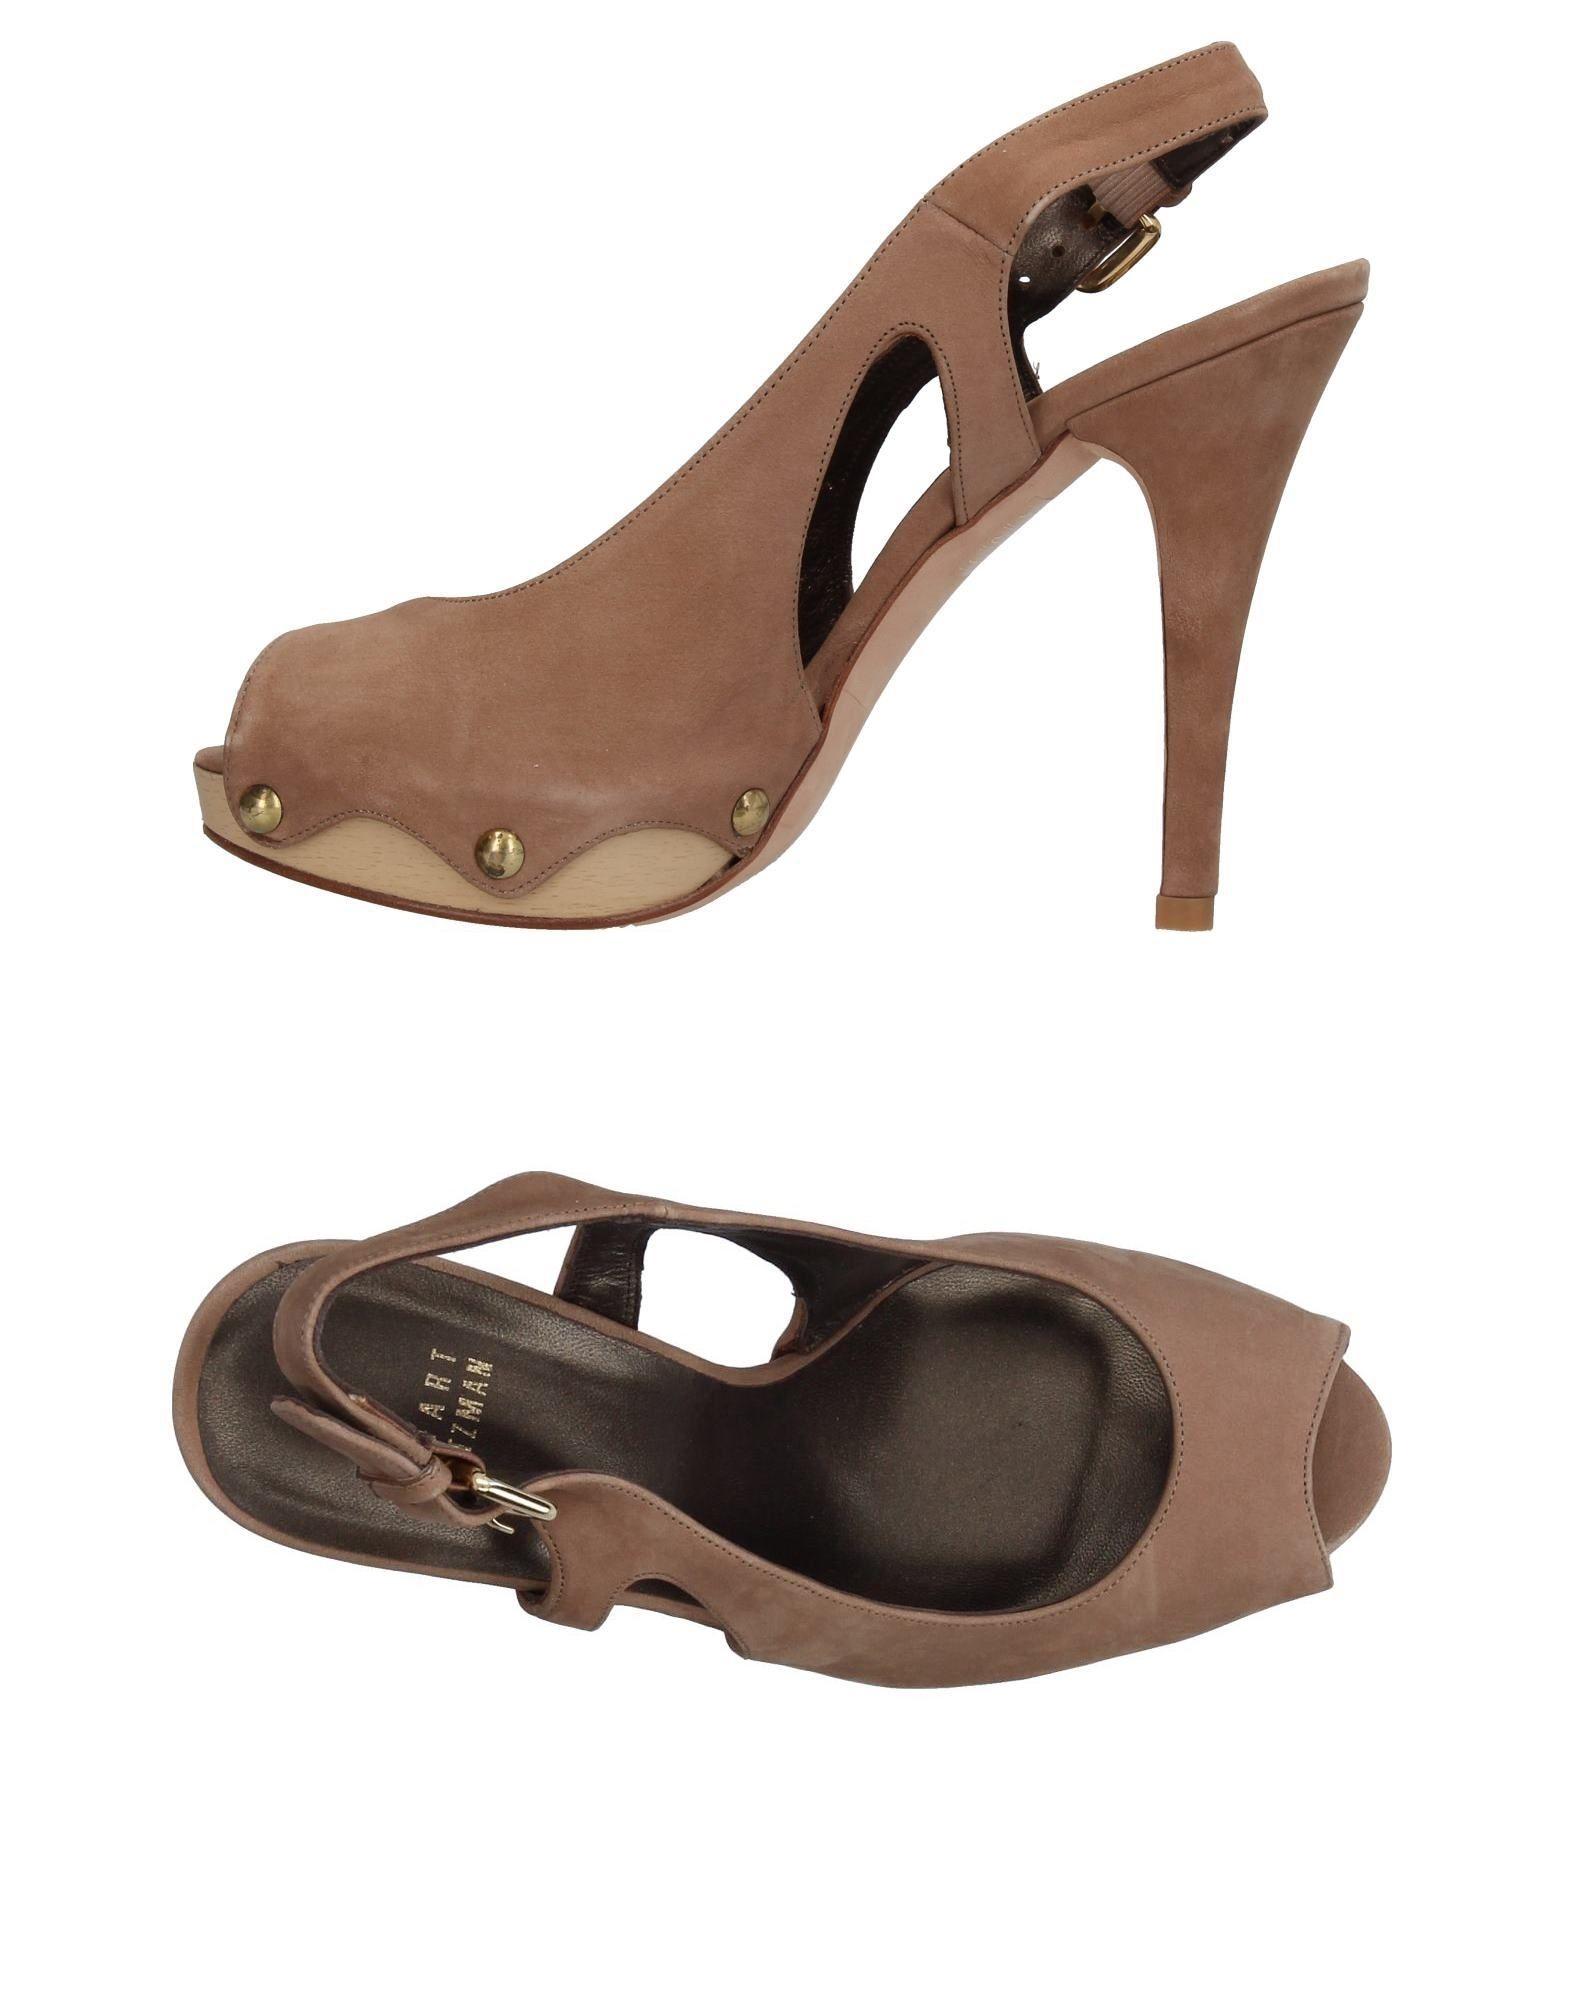 Stuart Weitzman Sandalen Damen  11370162MSGut aussehende strapazierfähige Schuhe